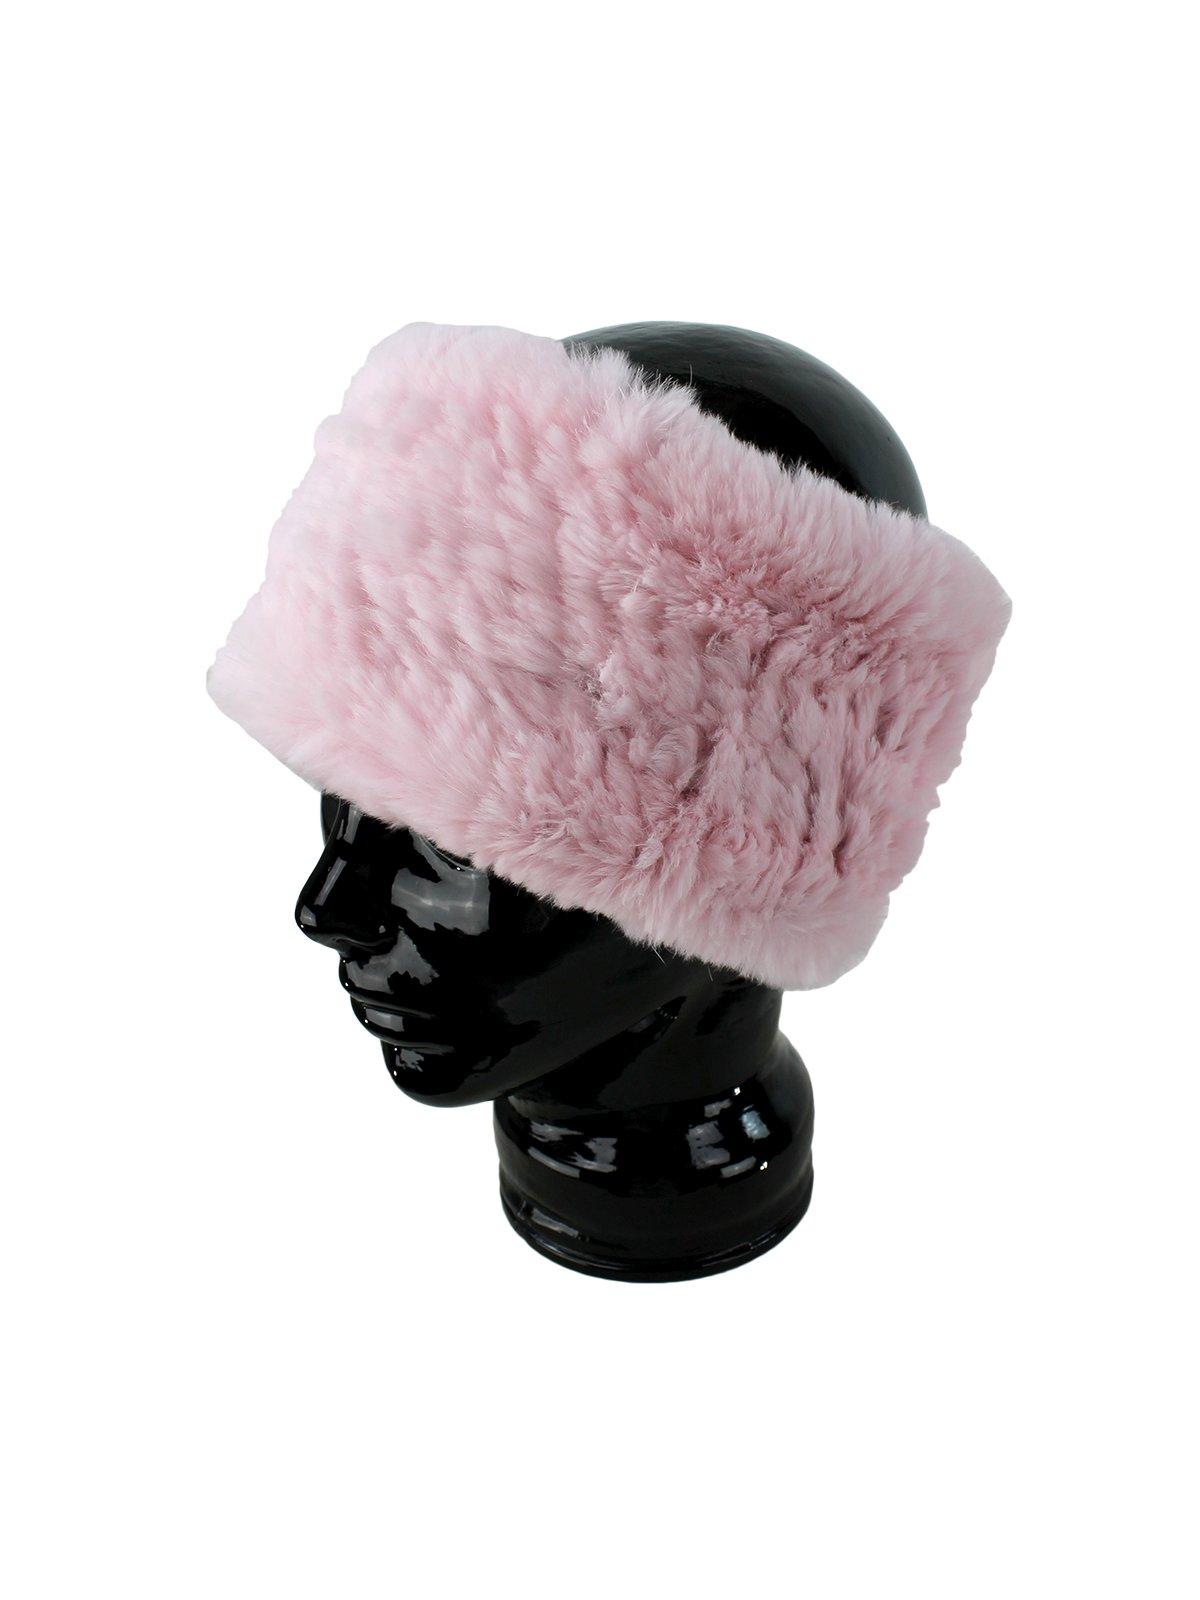 Woman's Soft Pink Knit Rex Rabbit Fur Stretch Headband